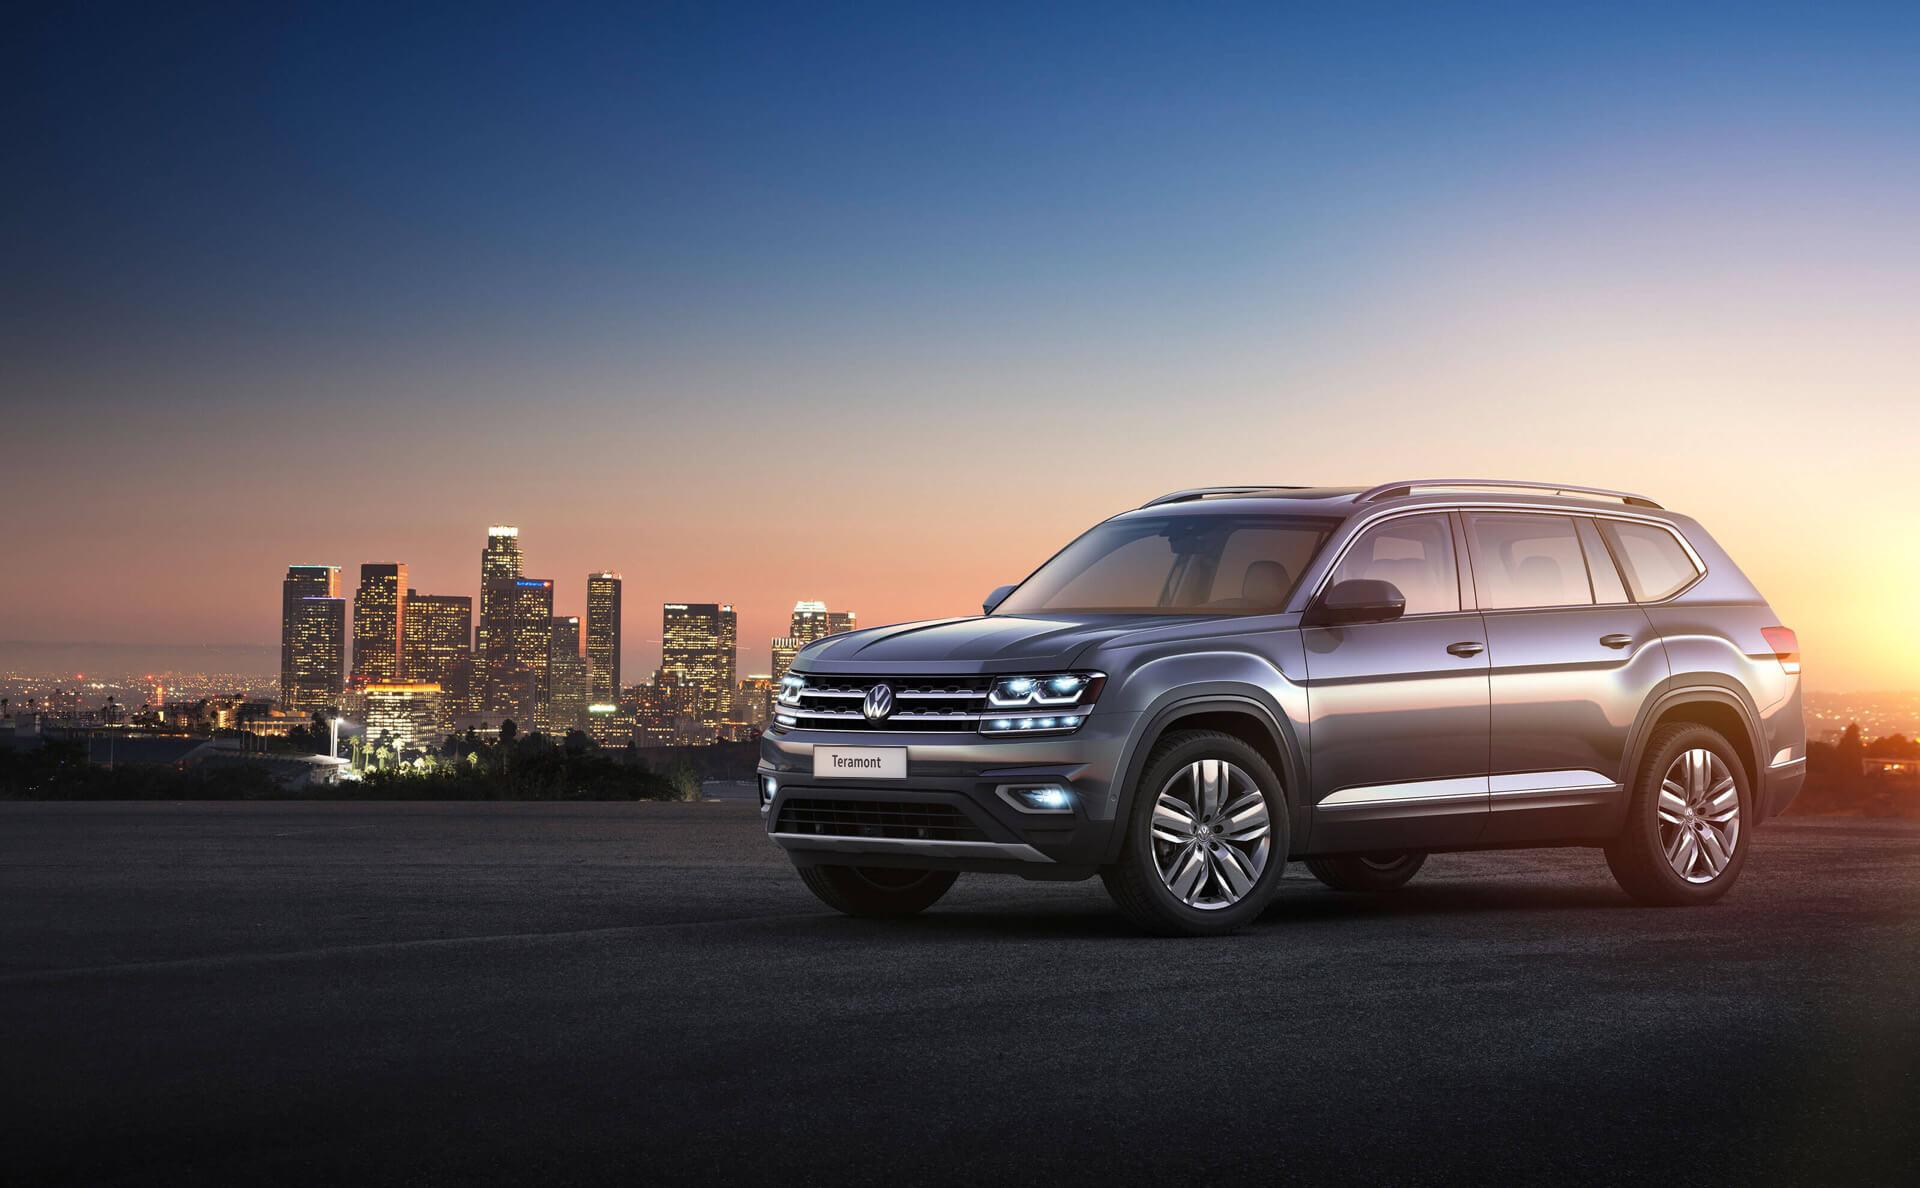 Volkswagen Teramont 2019 for ME